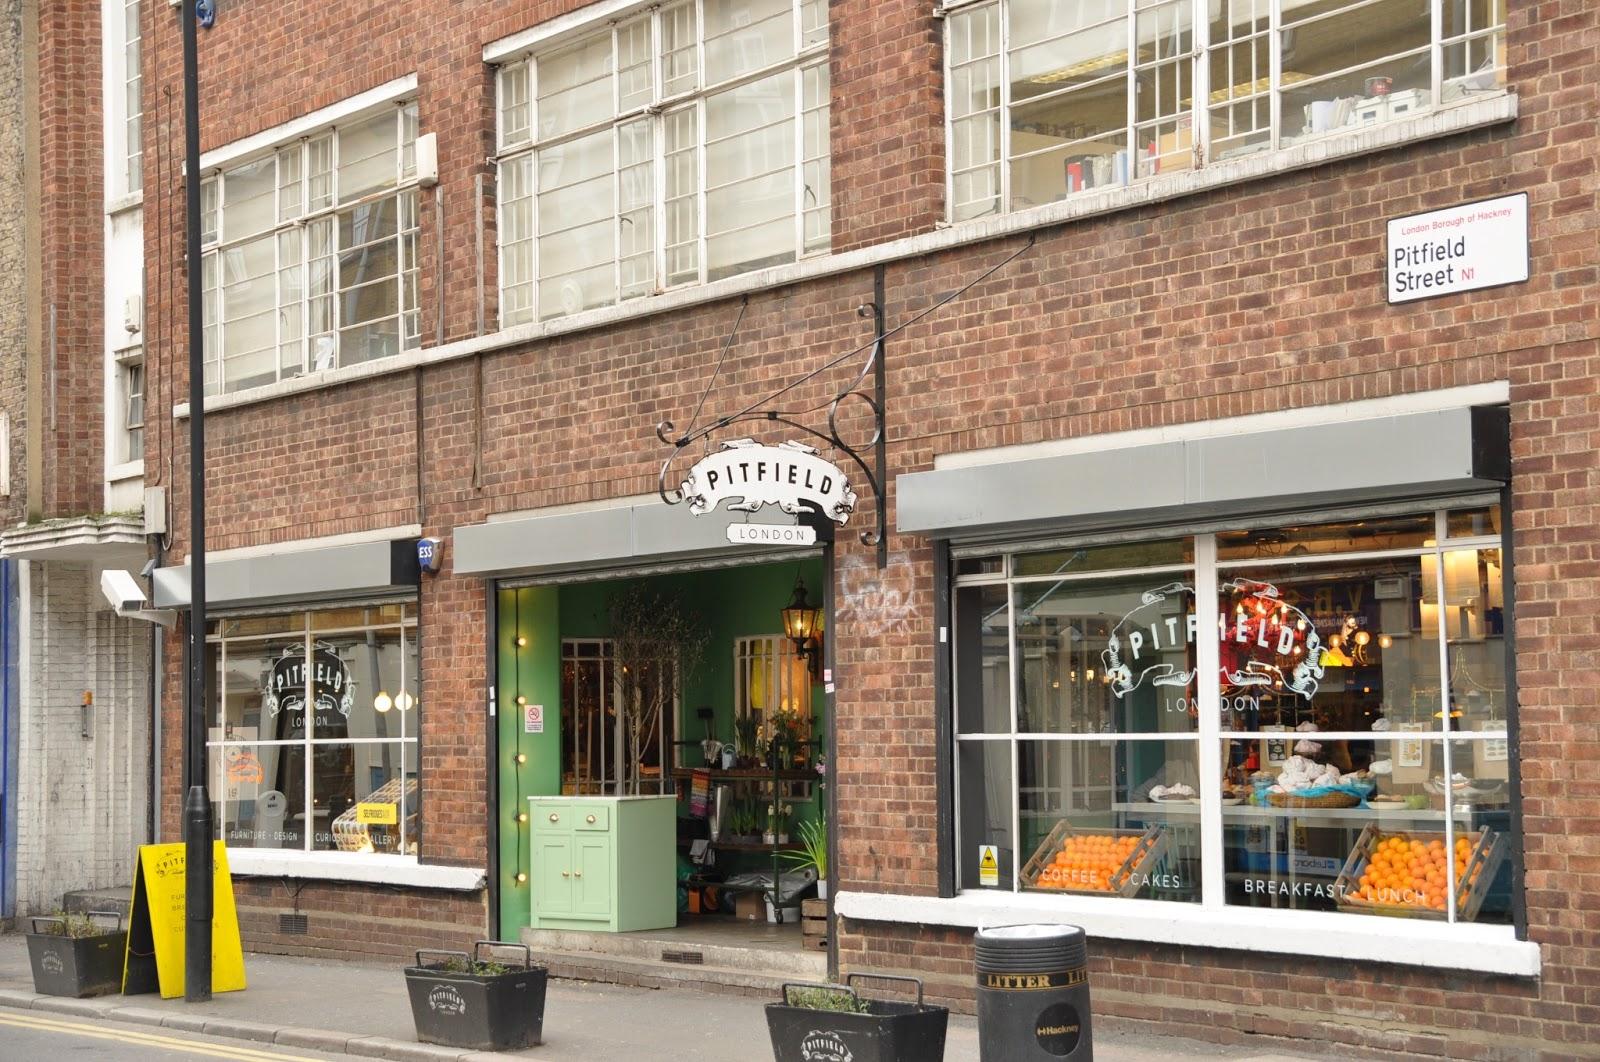 http://3.bp.blogspot.com/-KlL0YoqF0fI/USZ2LkDHeyI/AAAAAAAAHqc/qV7JwjcI9Ys/s1600/Pitfield+London+Old+Street.JPG